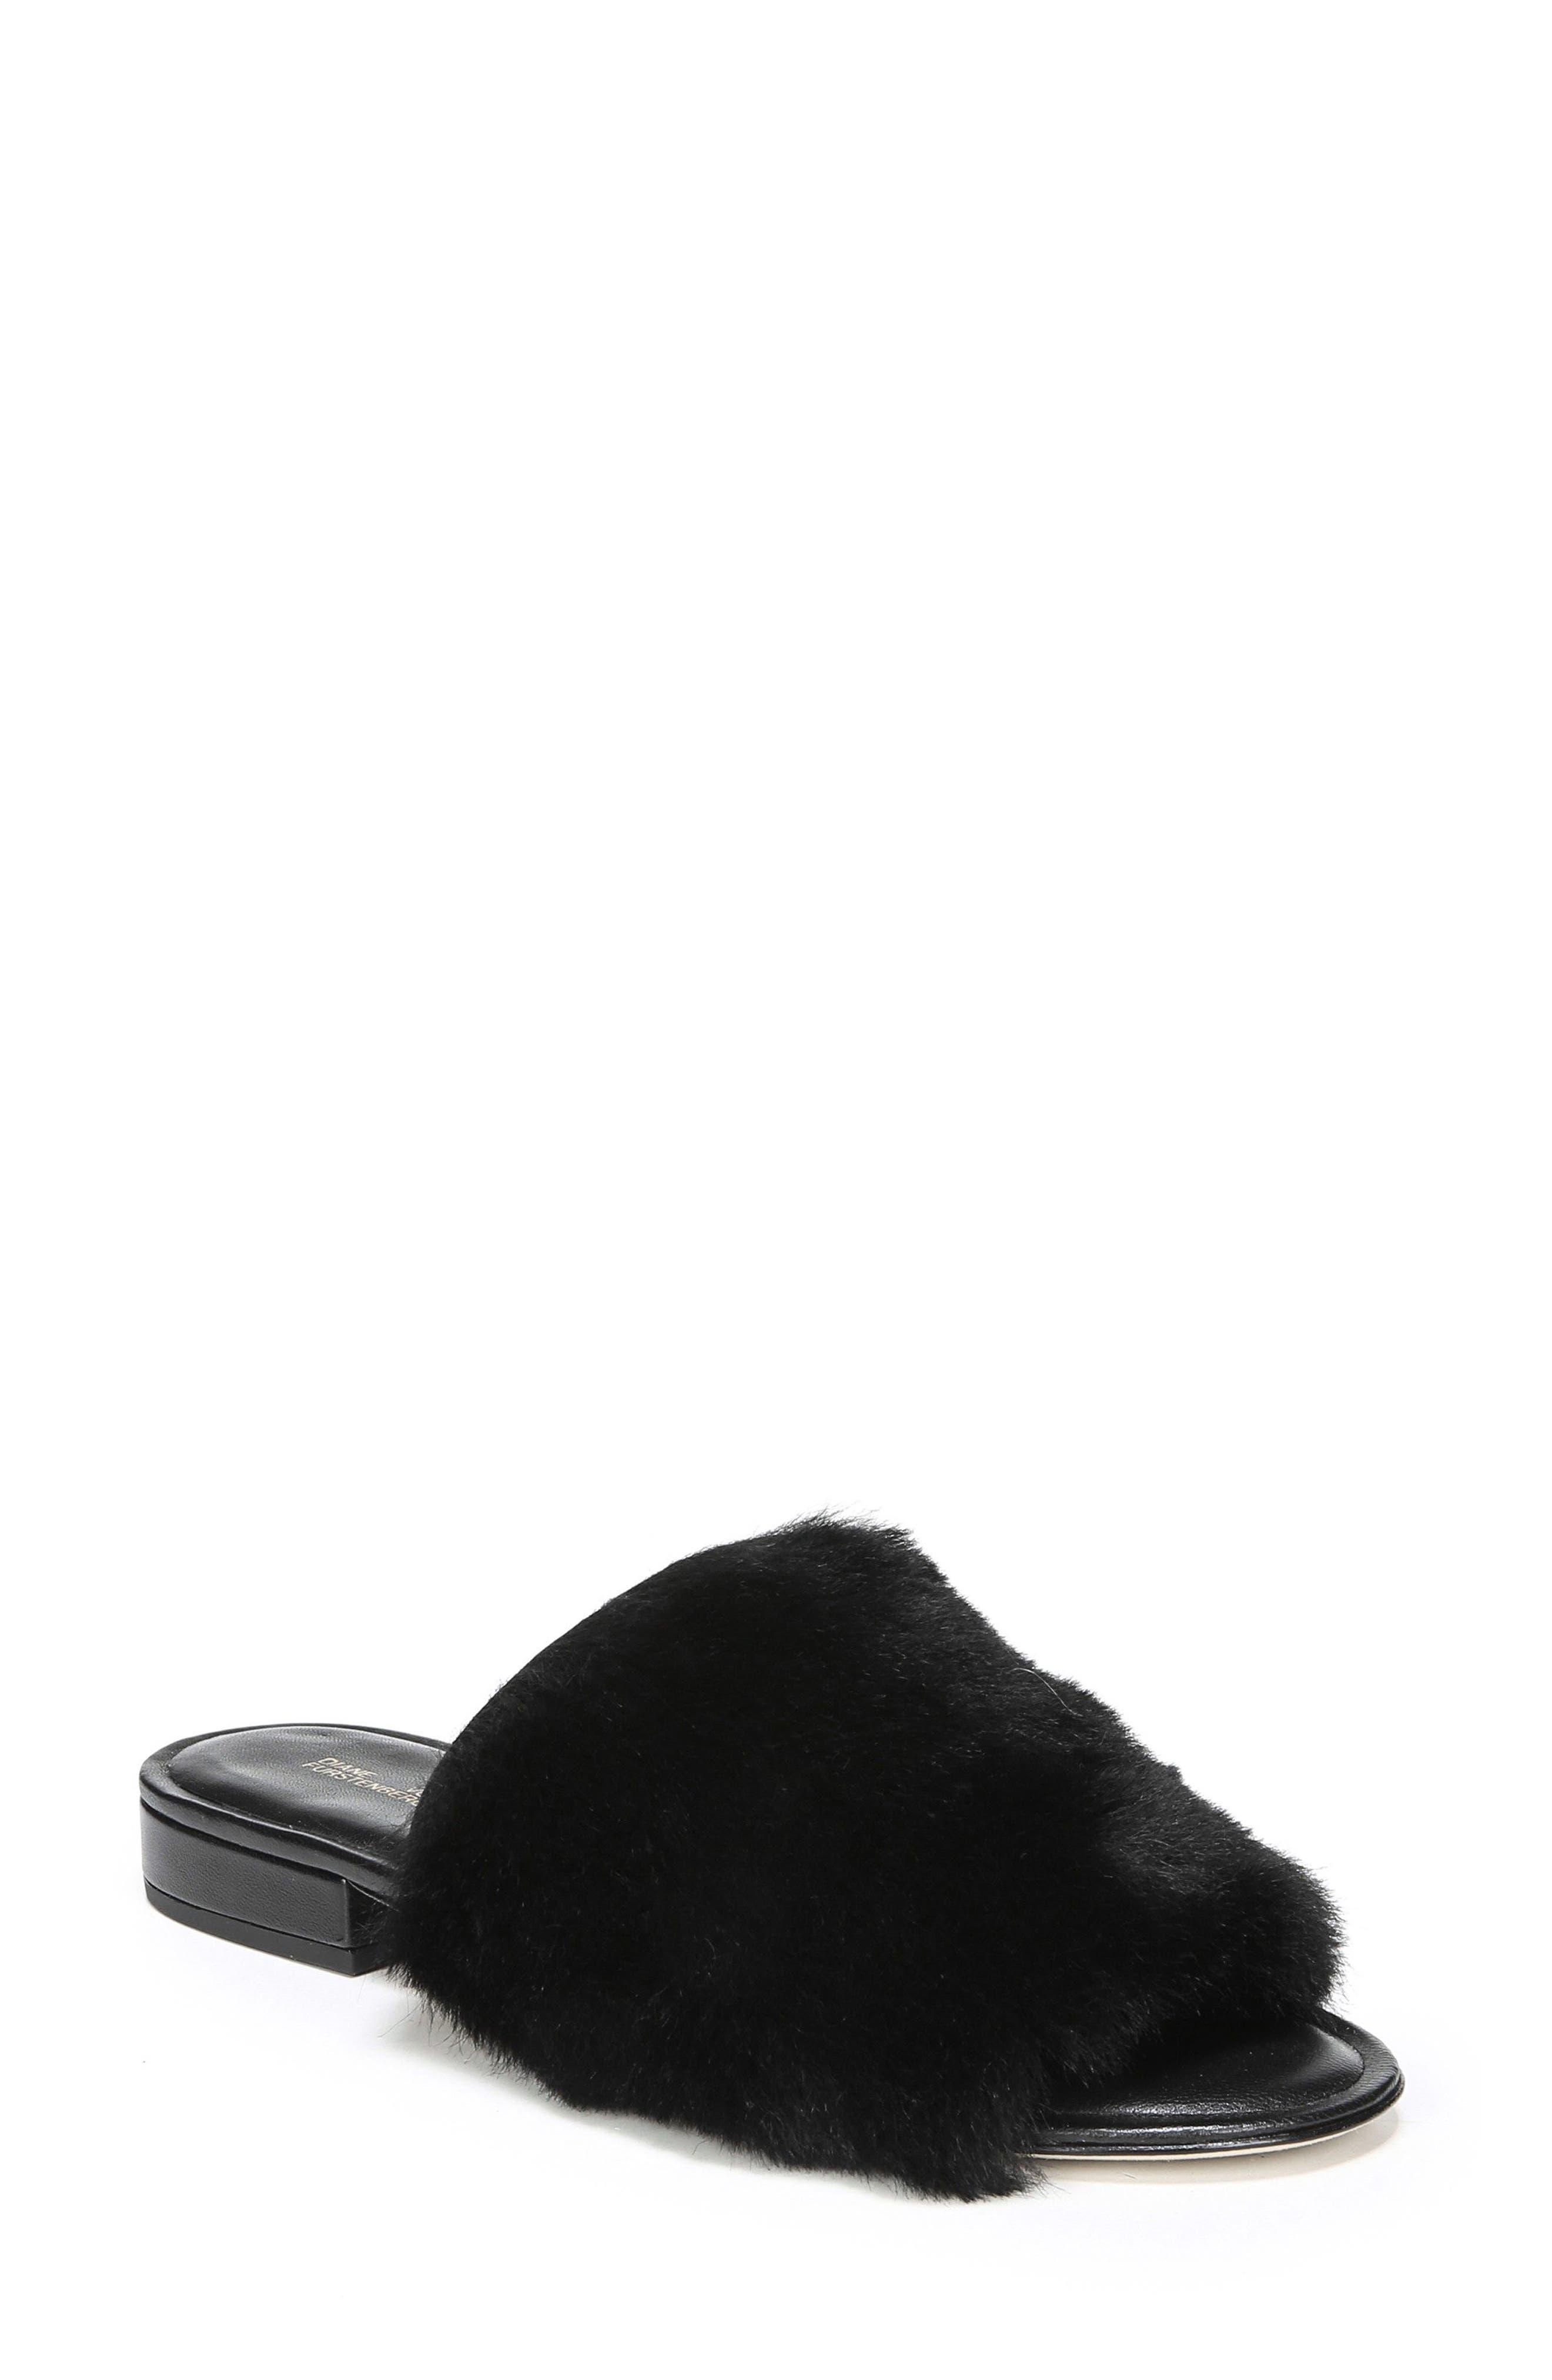 Santi Genuine Shearling Slide Sandal,                             Main thumbnail 1, color,                             Black